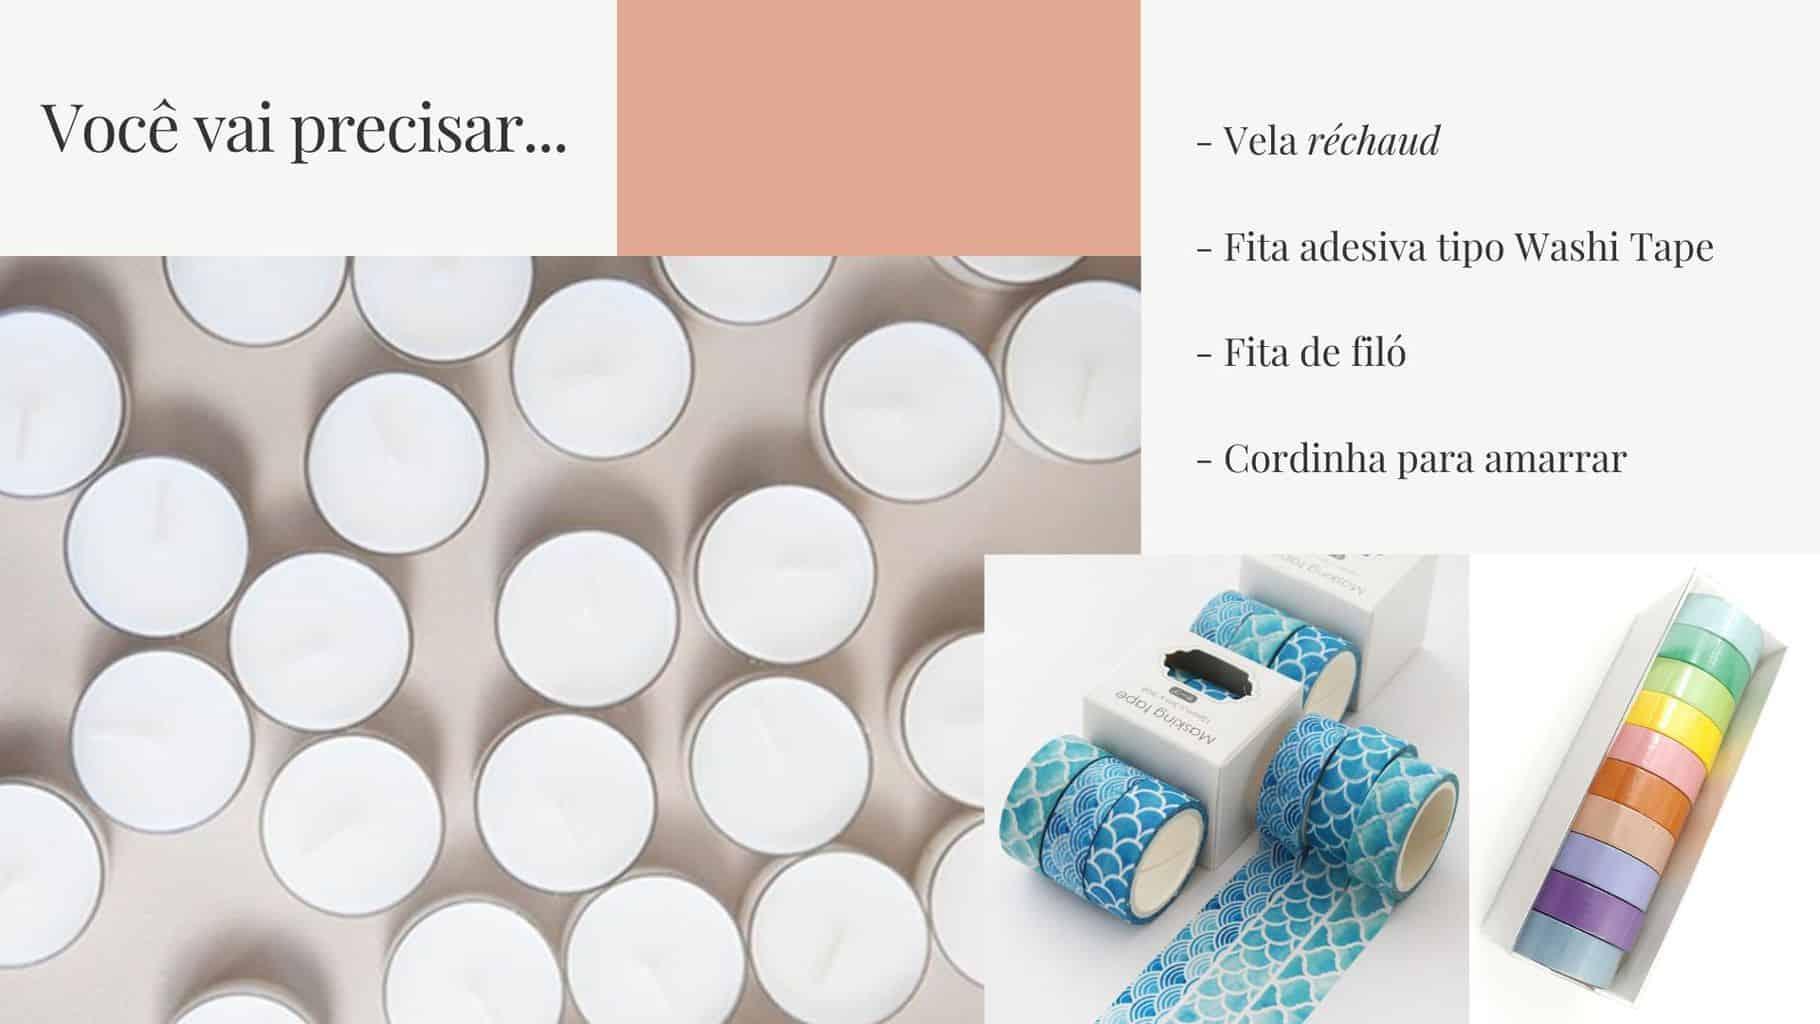 DIY-Velas-washi-tape-lembracinha-de-casamento-2